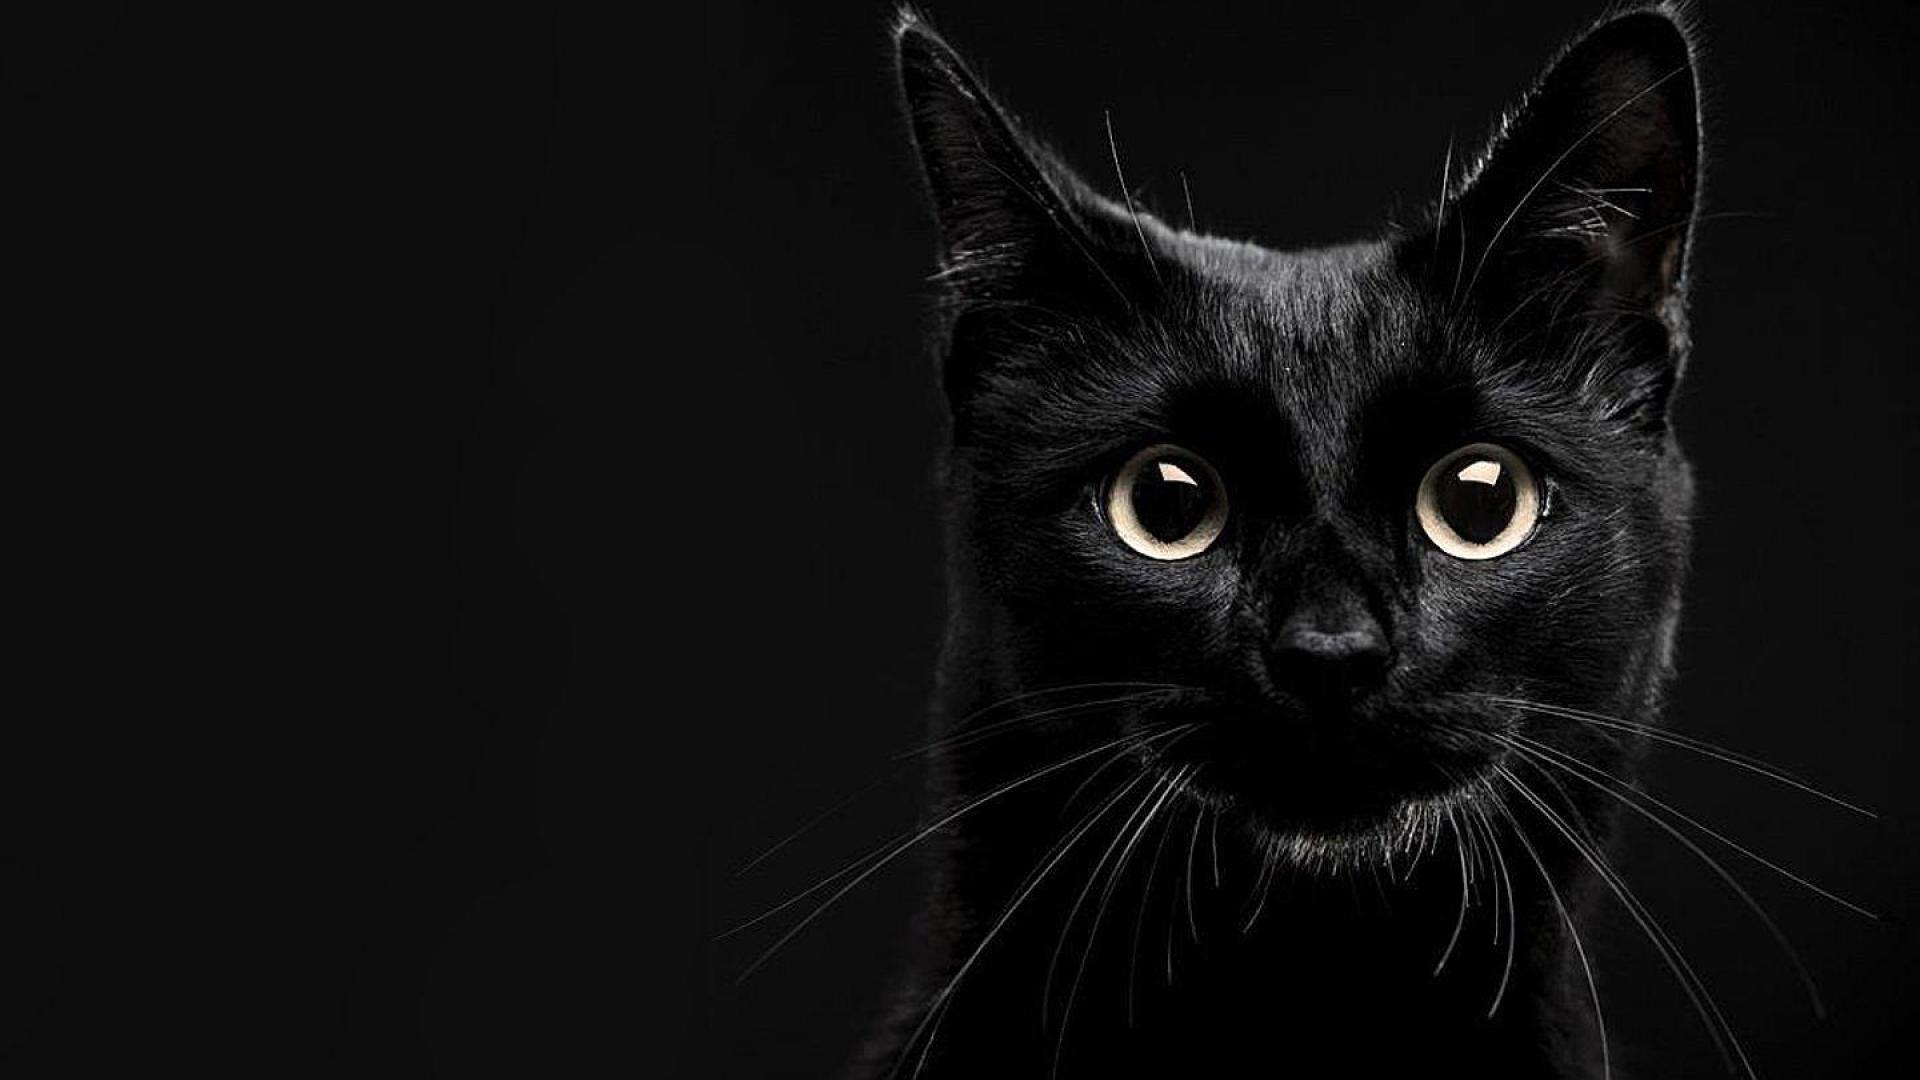 lucky black cat wallpaper   79419   HQ Desktop Wallpapers 1920x1080